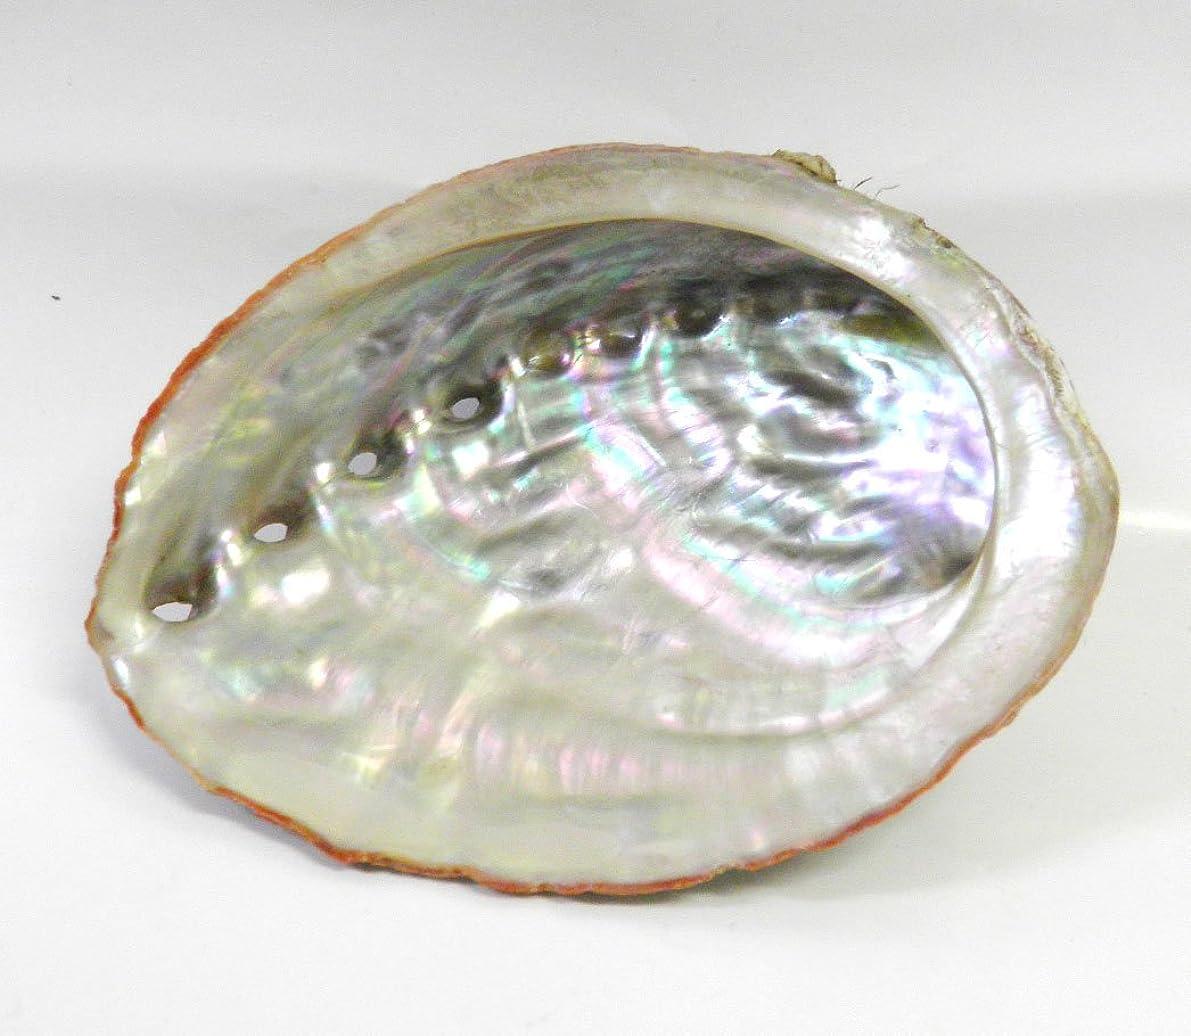 アレキサンダーグラハムベルレンチフルートアワビの貝殻 アバロン シェル ホワイトセージ 浄化用 お香 空間浄化 天然石